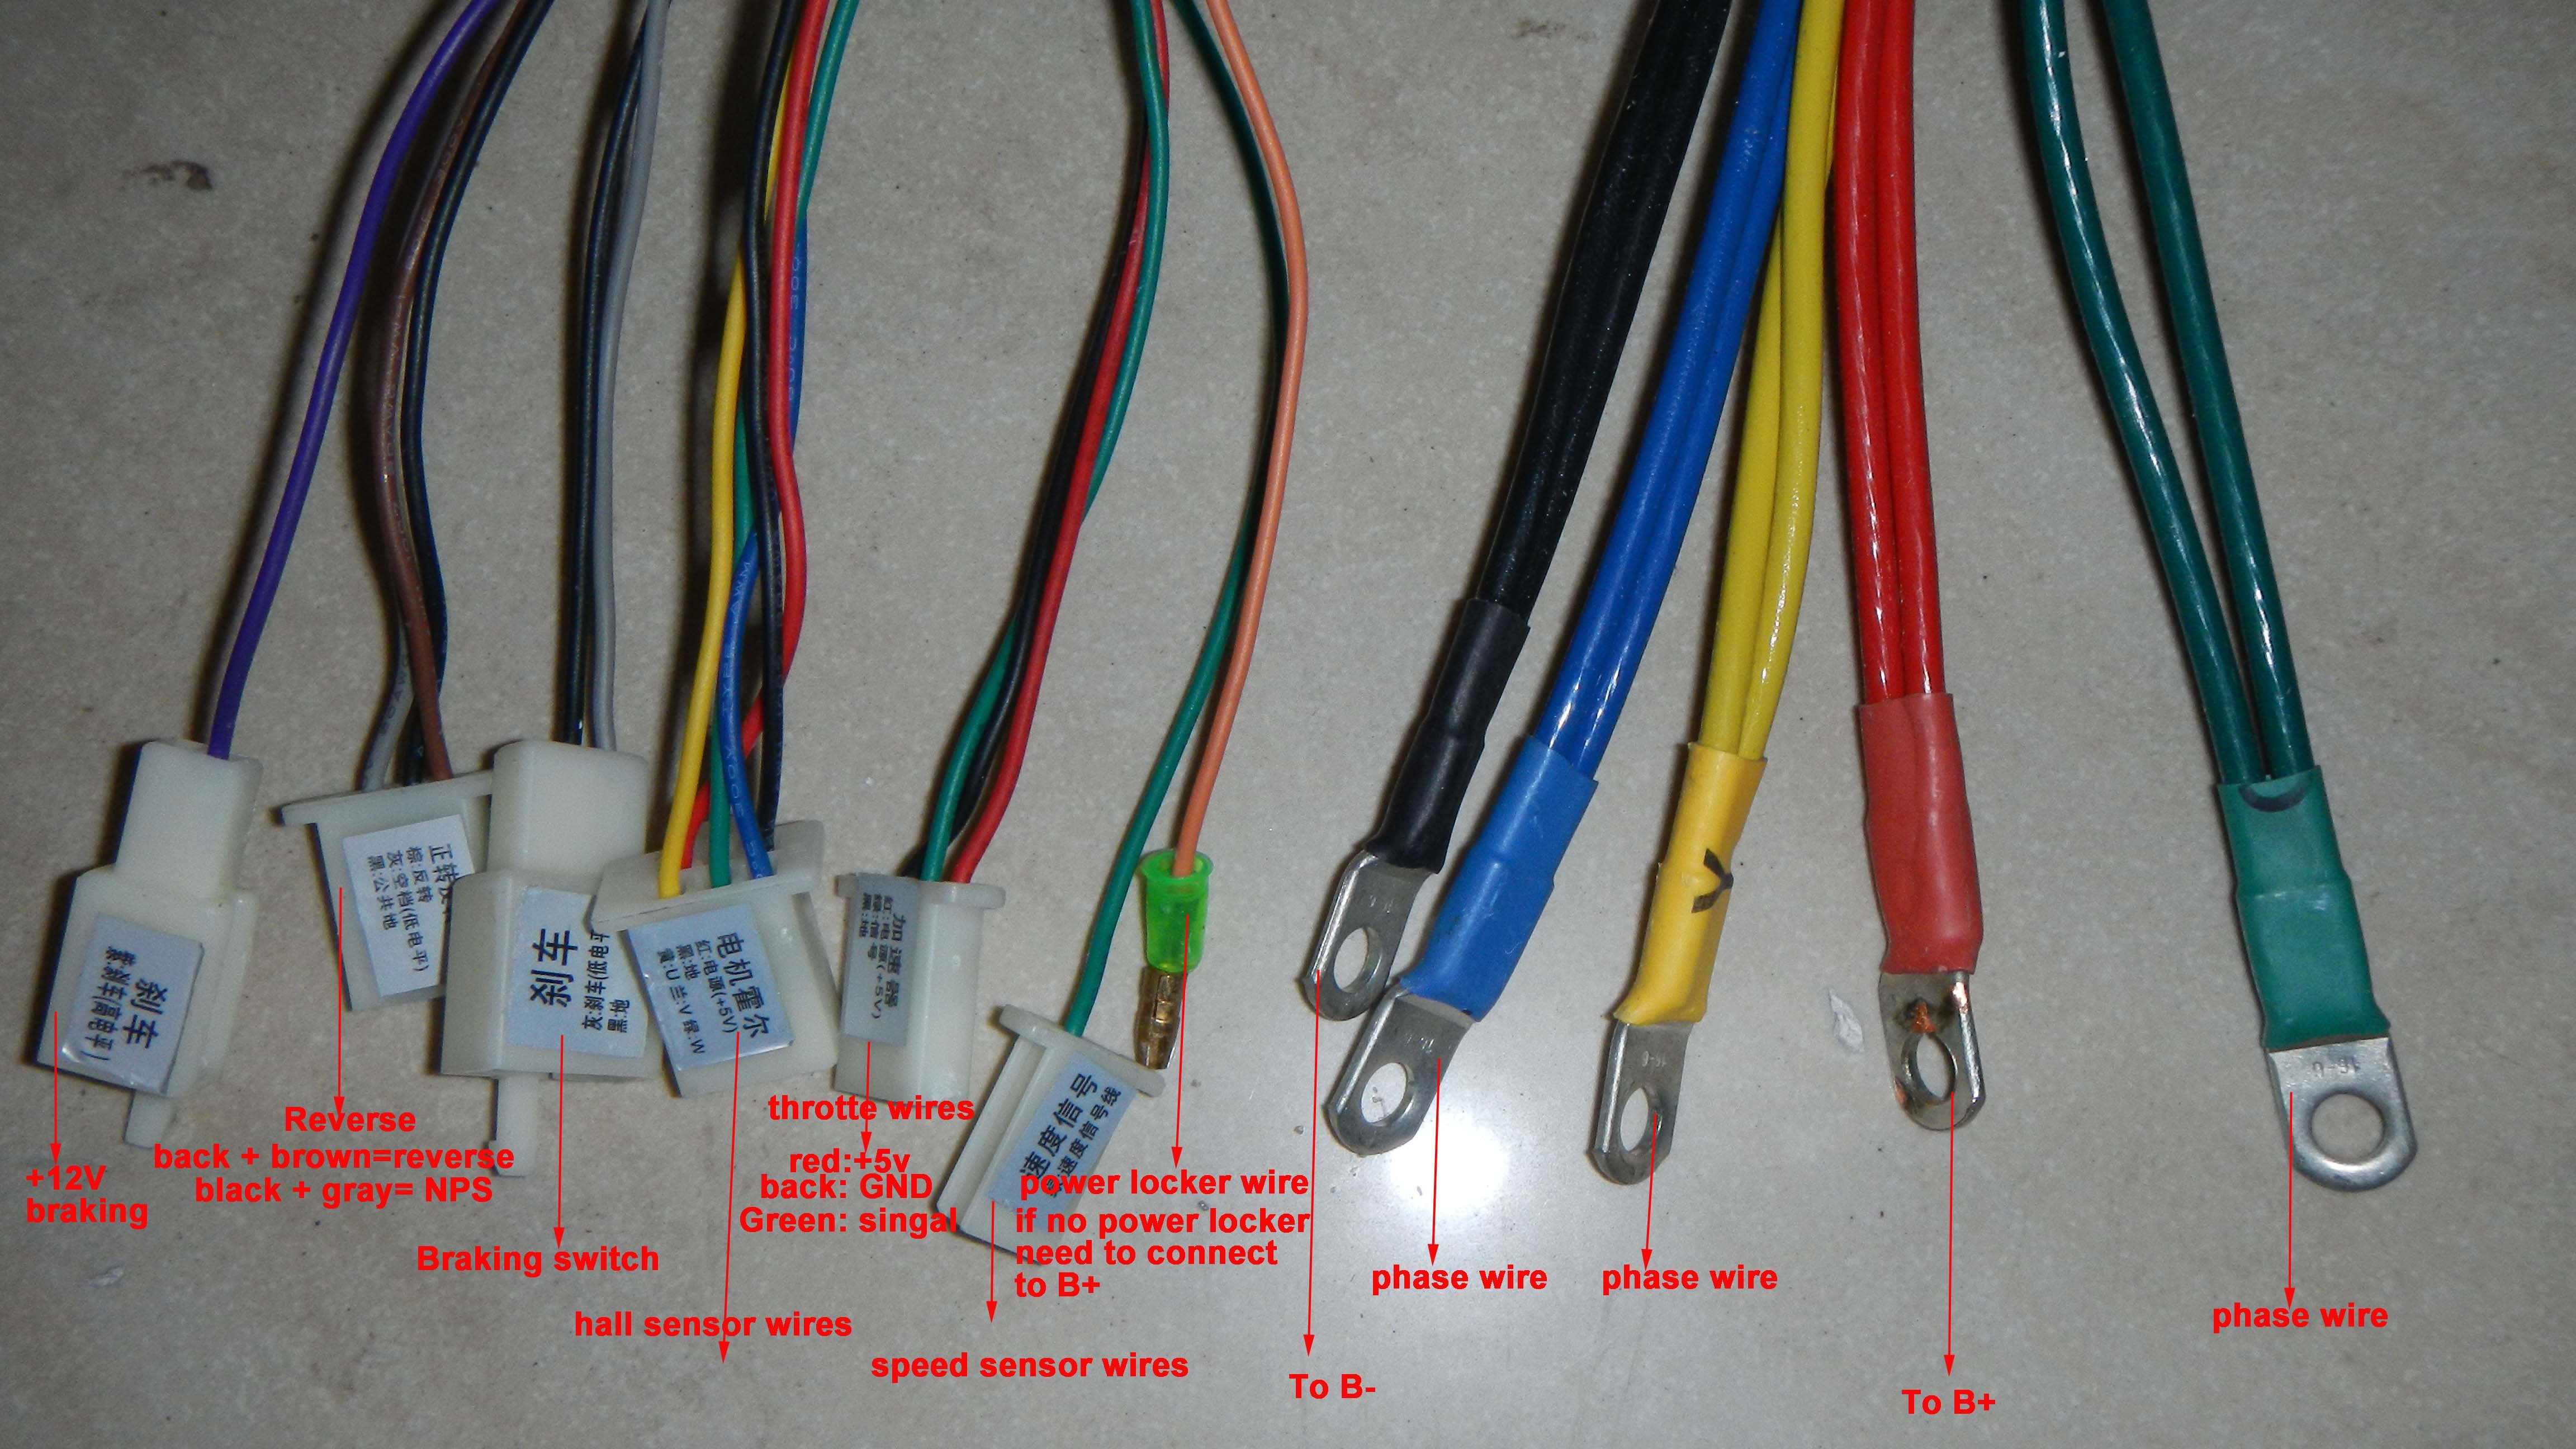 60v2200wntroller wires